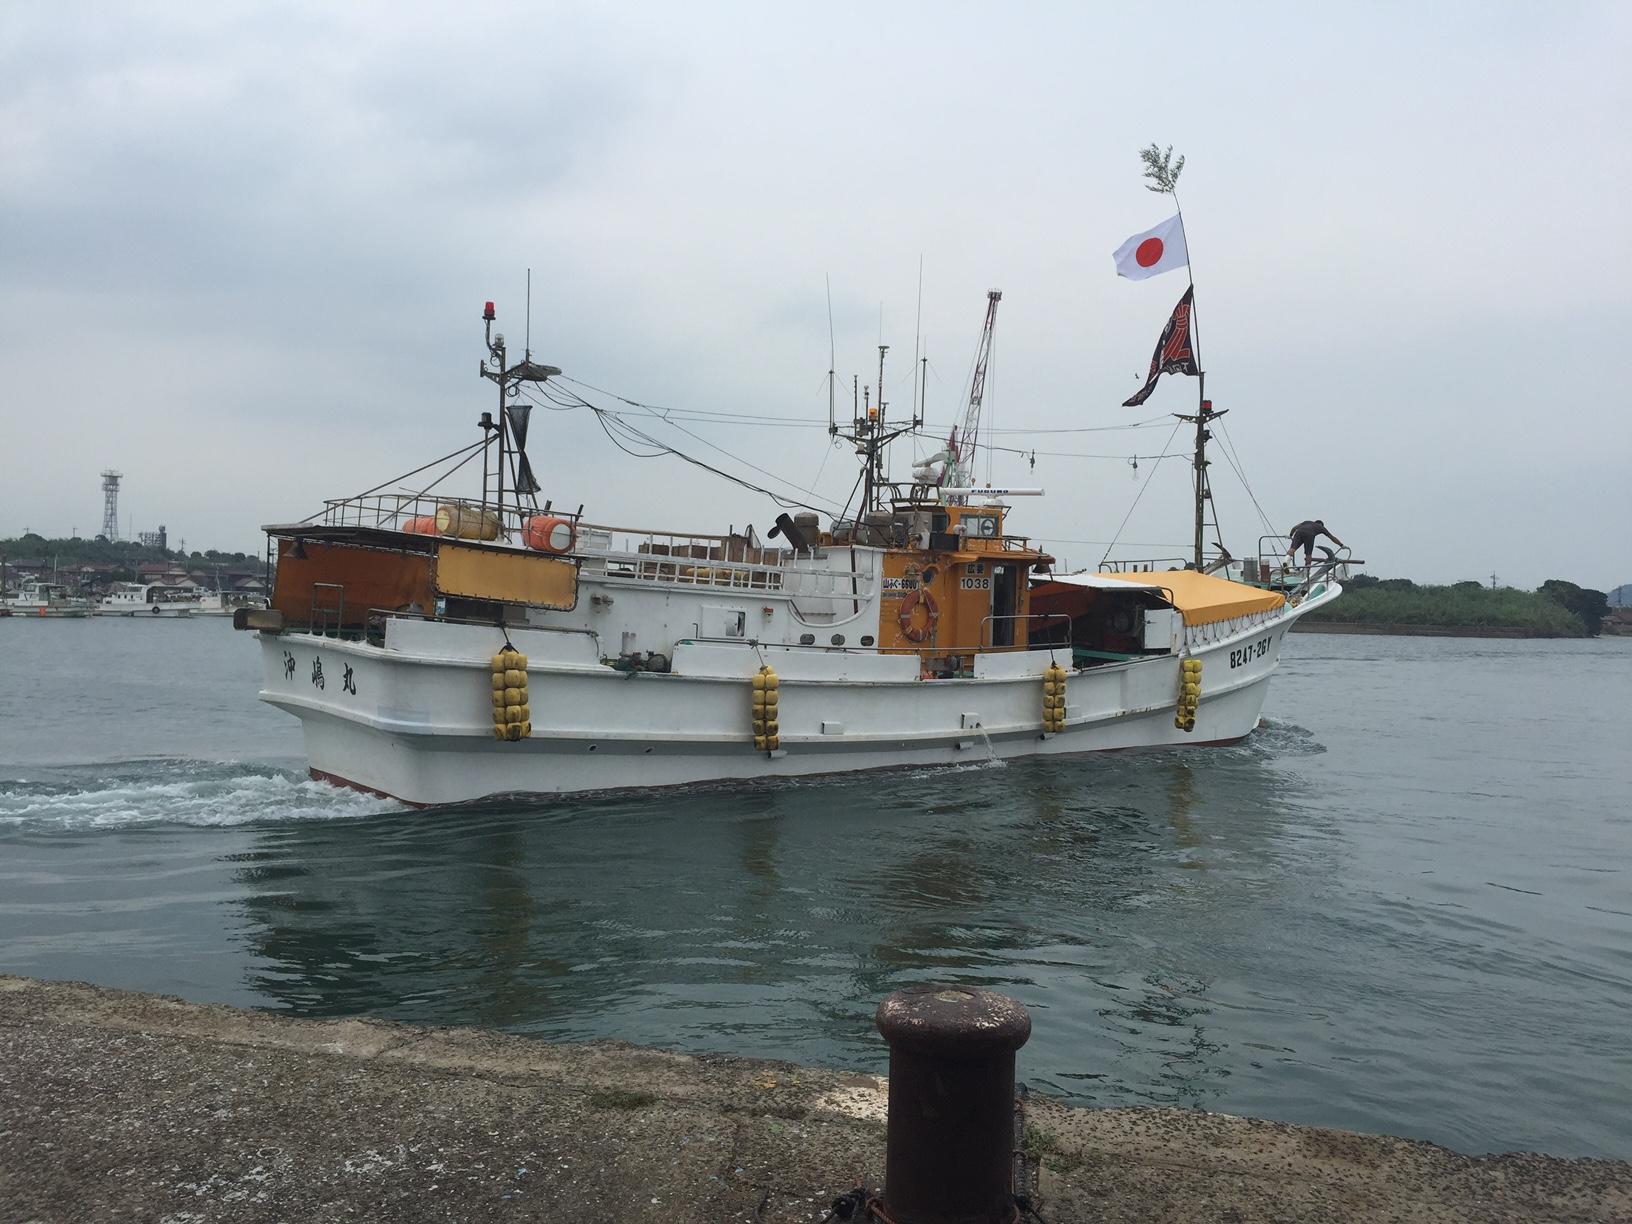 山口県ふぐ延縄船団出港式のメイン画像